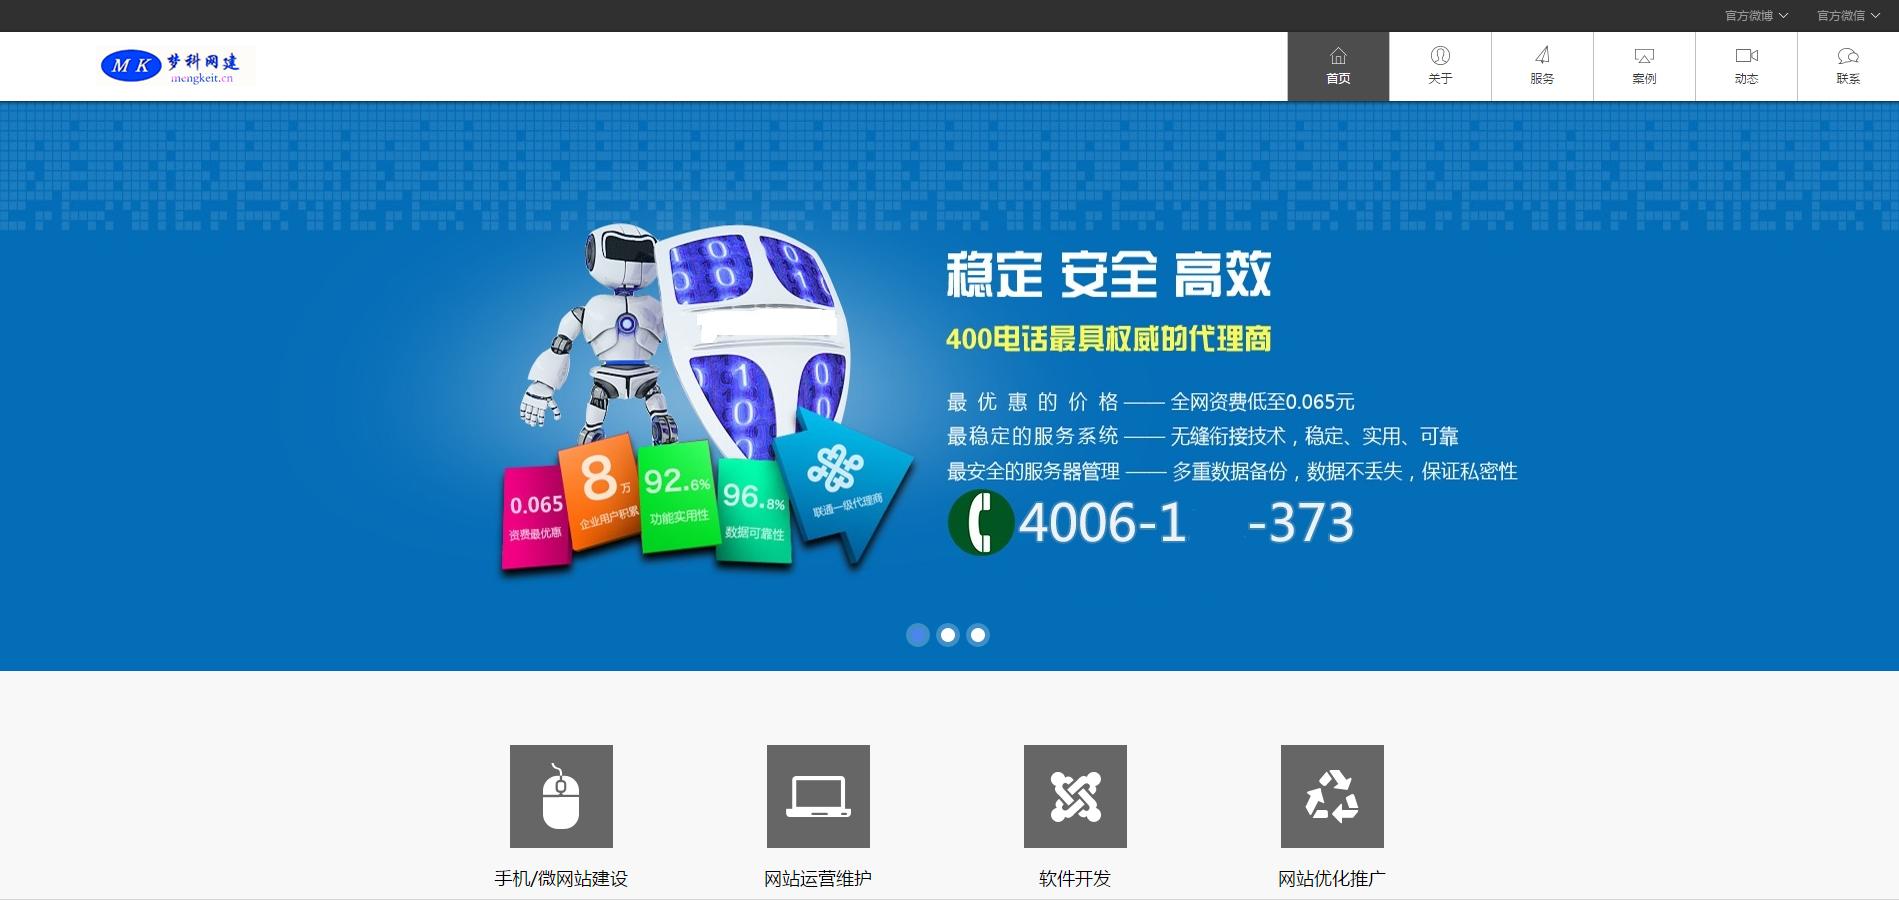 寬屏大氣網絡科技公司網站模板下載